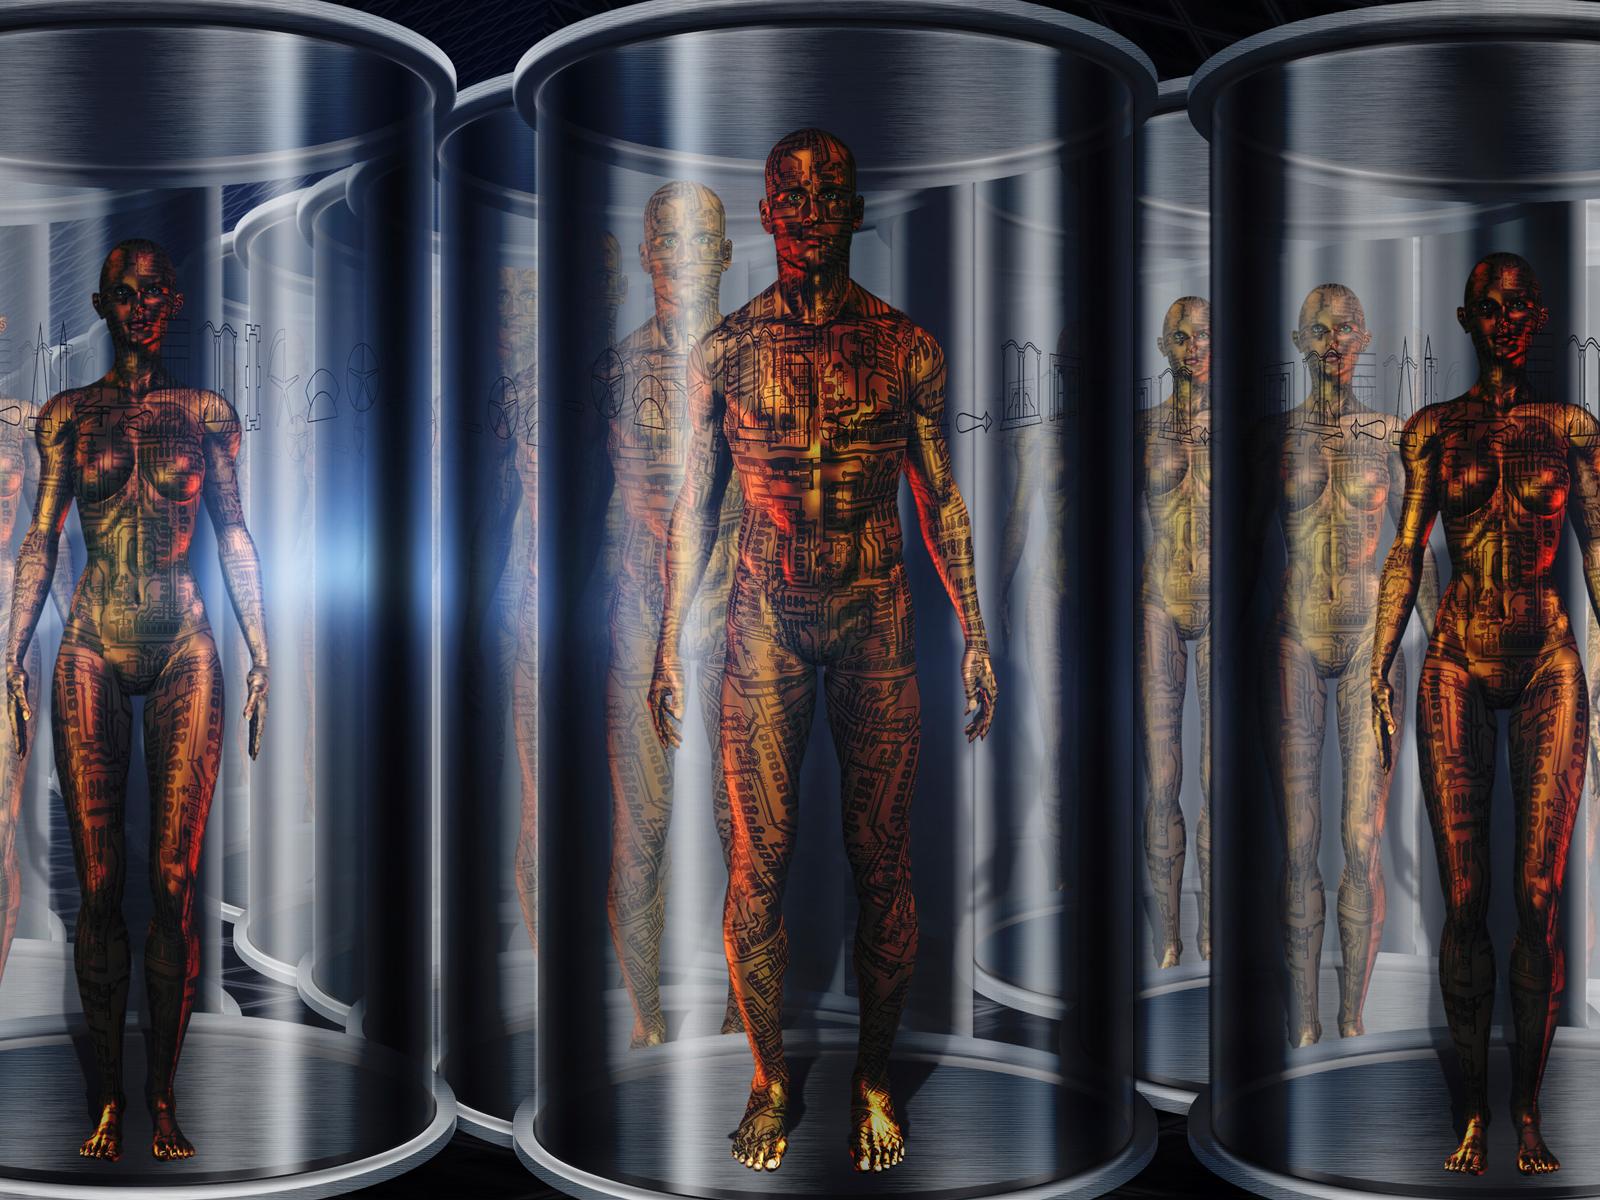 O que a igreja diz sobre clonagem humana - 1600x1200